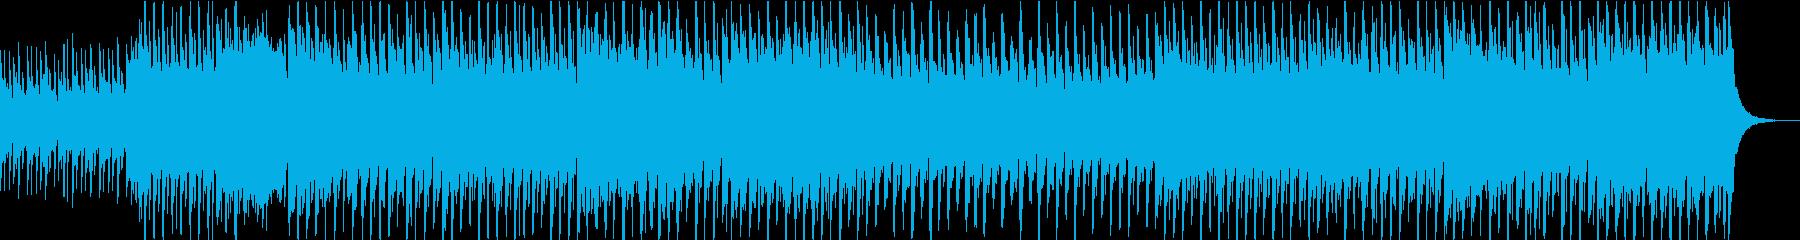 和風の琴と三味線のEDMの再生済みの波形